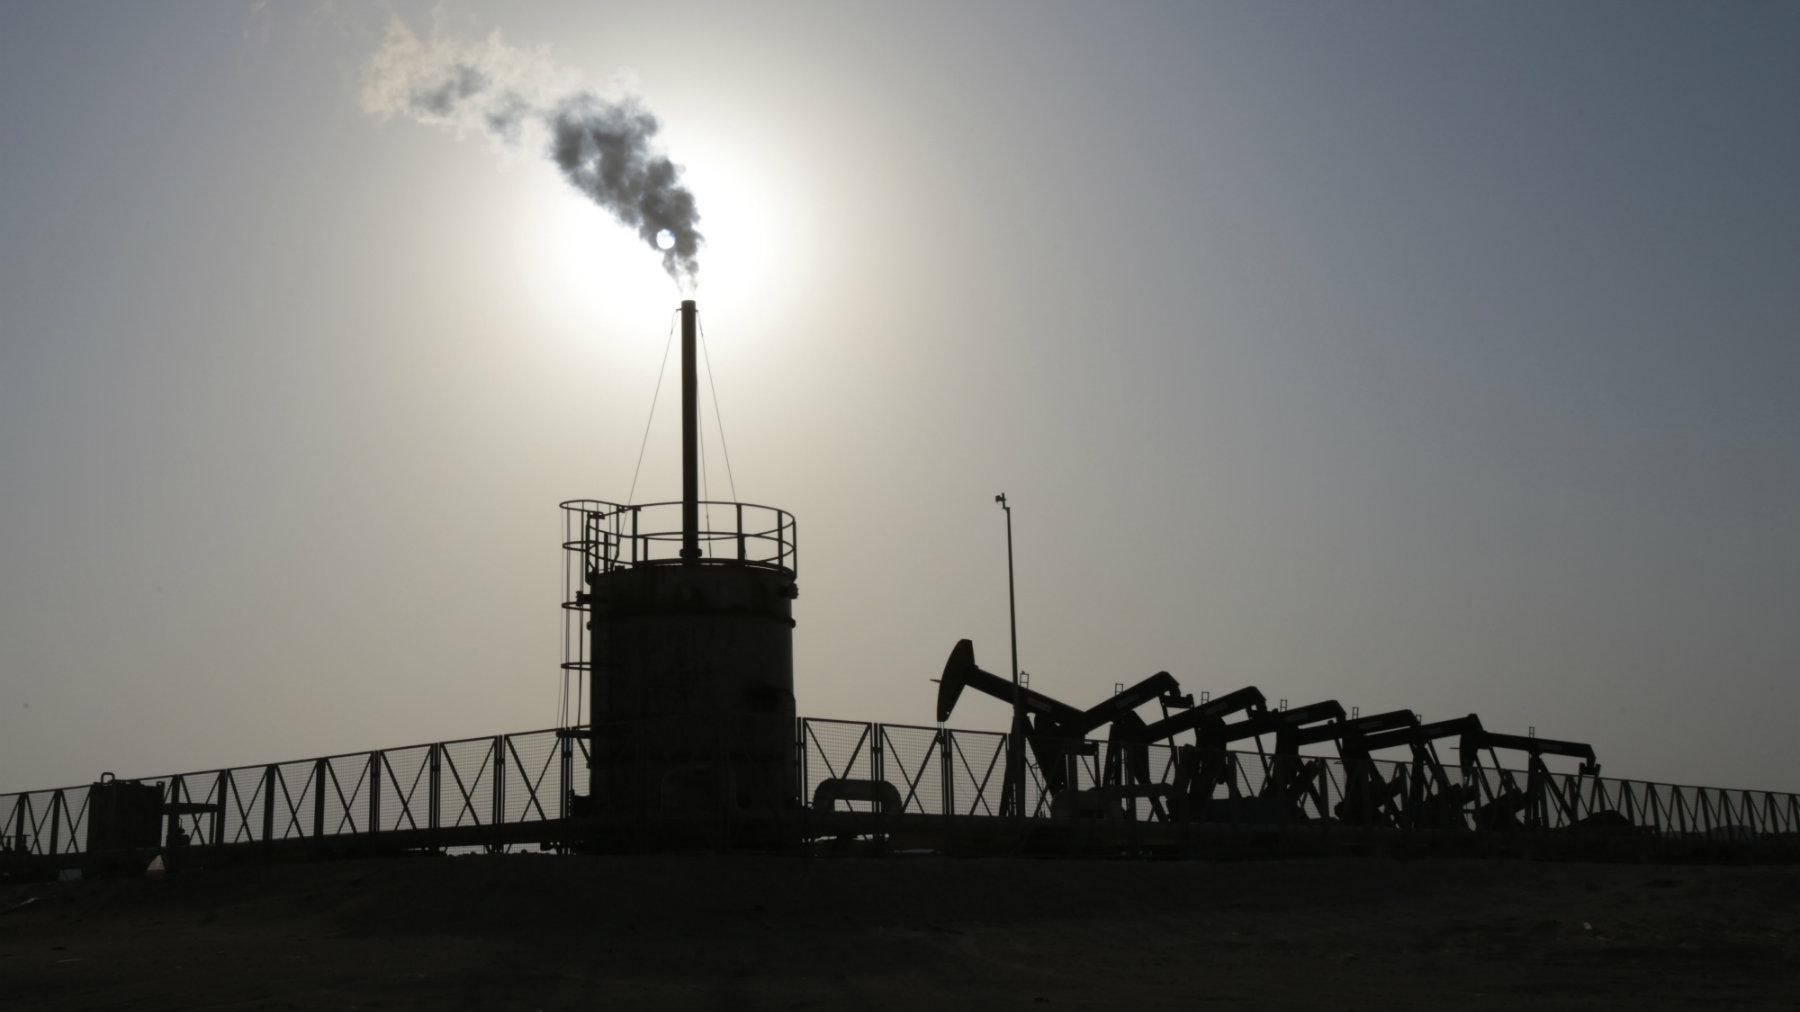 Oil pumps at work in the desert oil fields of Sakhir, Bahrain.